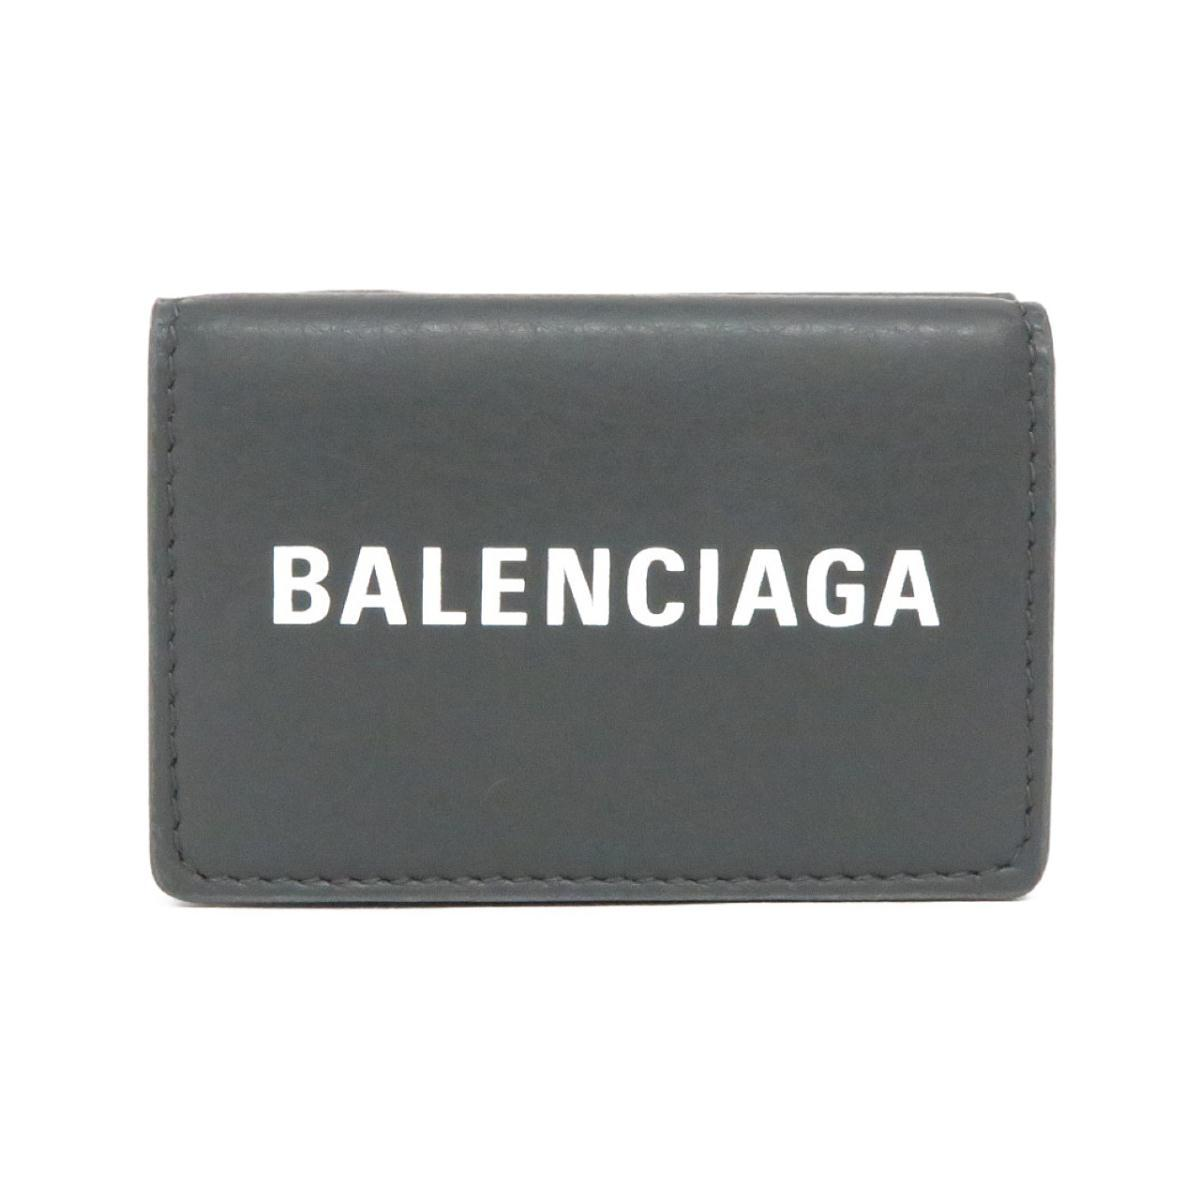 【新品】バレンシアガ サイフ 516402 DLQ4N【新品】